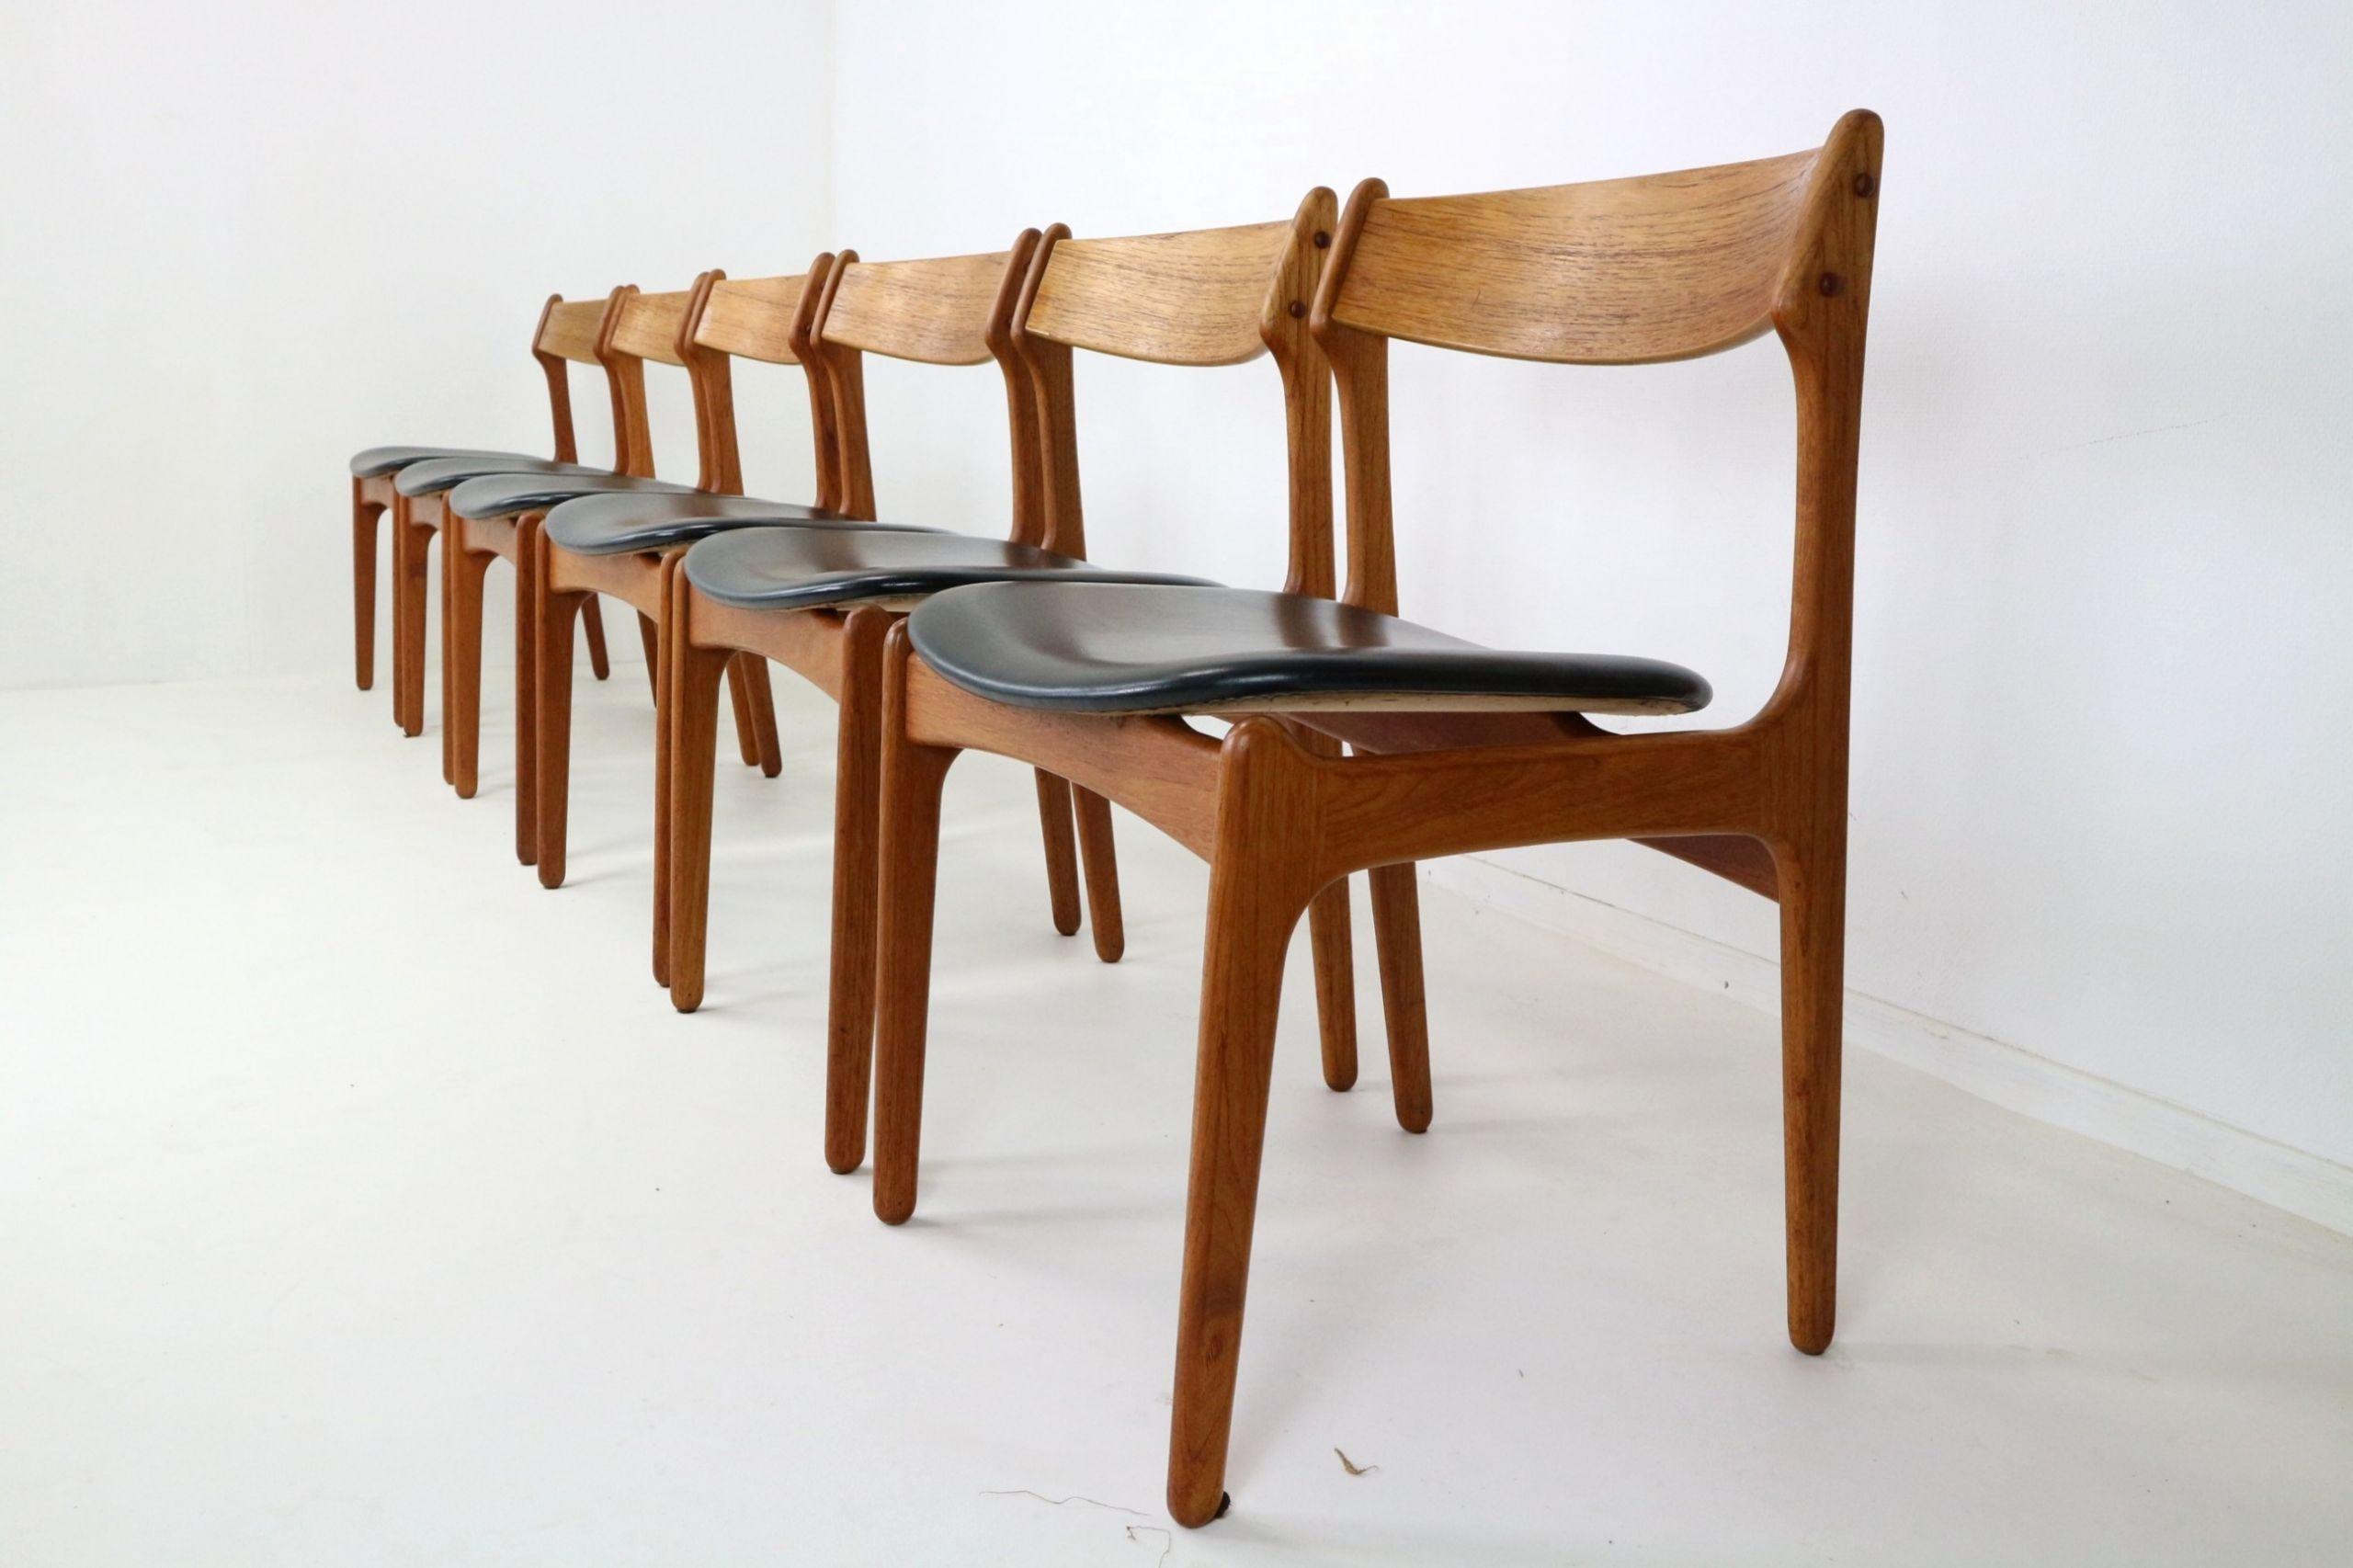 attrayant photographie de chaise de salle a manger en bois unique brambles chaise de salle a manger bramblesdinnerhouse of attrayant photographie de chaise de salle a manger en bois